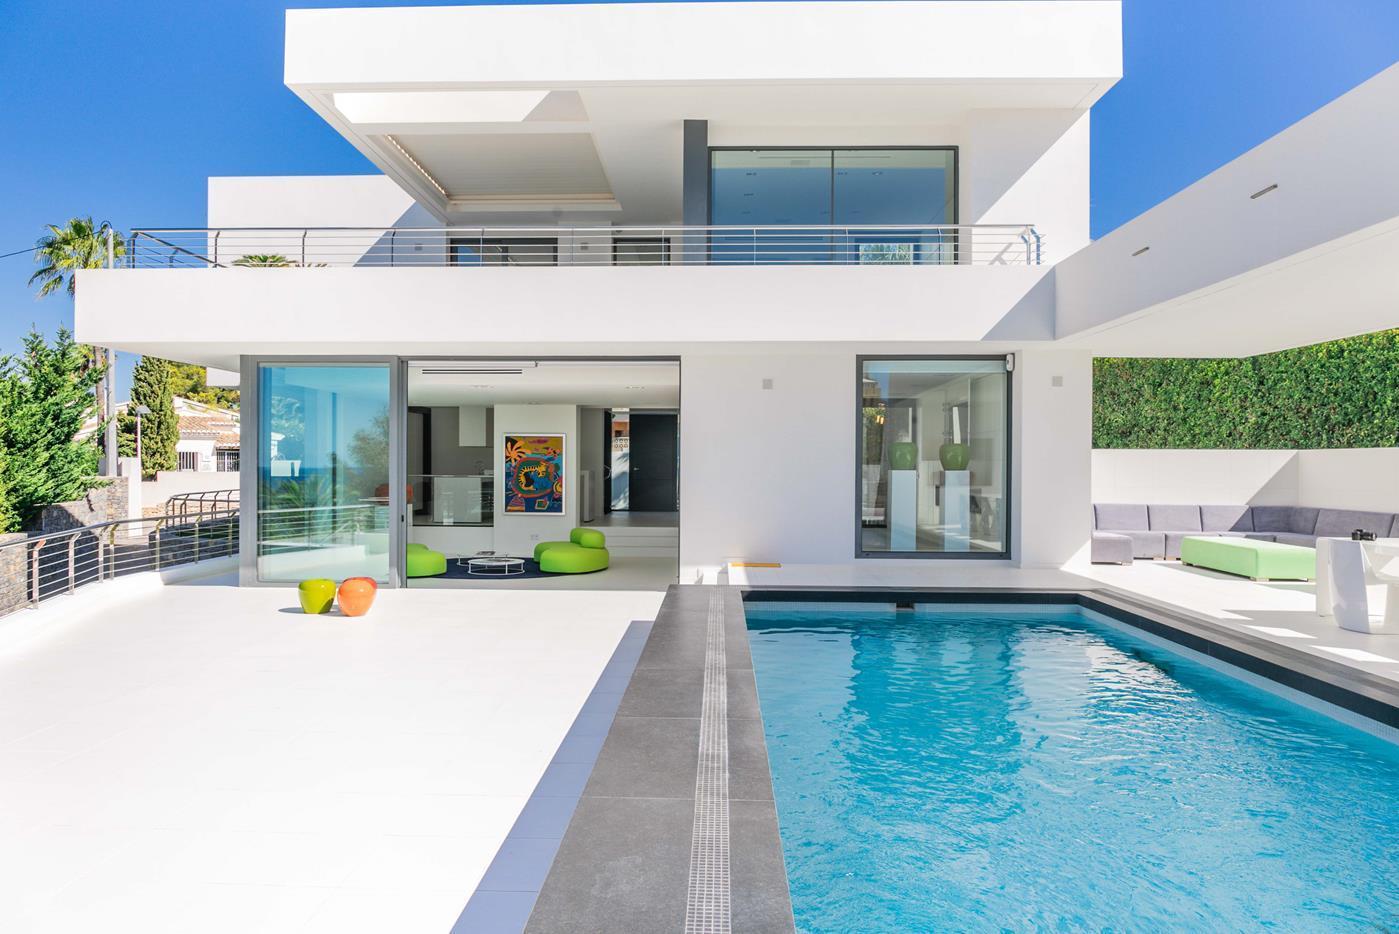 villa-de-lujo en moraira · el-portet 3999995€